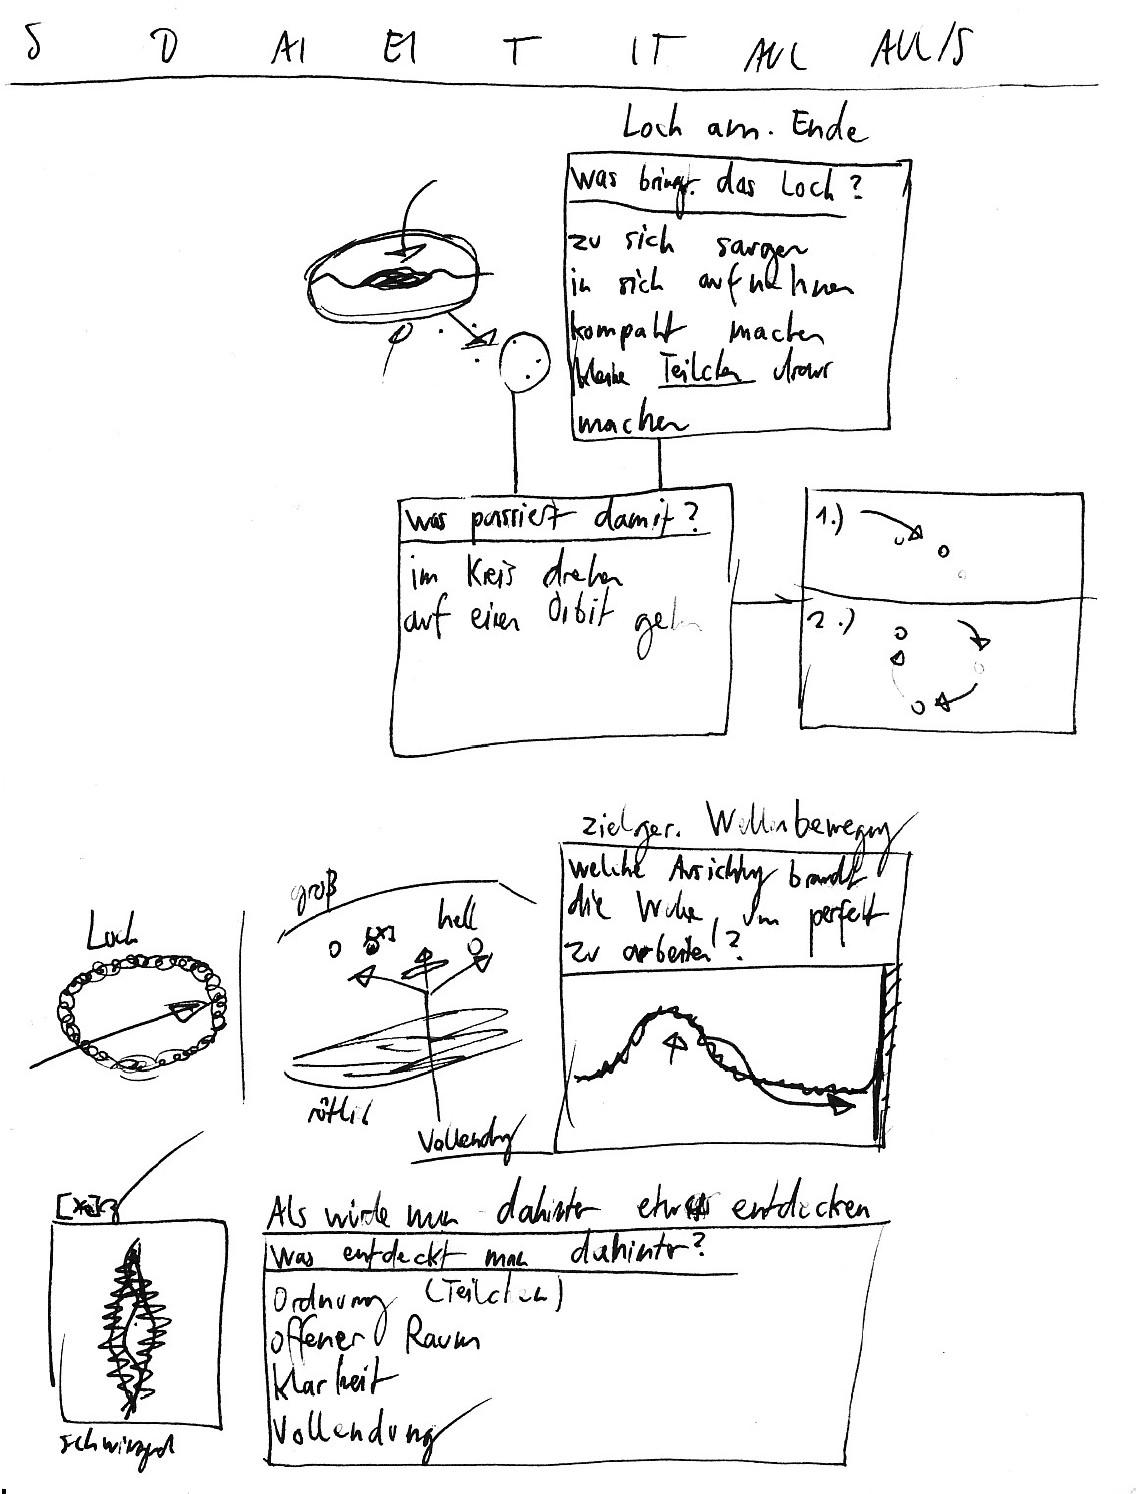 RV - Schwarze Löcher - Wingman - Stufe 6 (Loch)